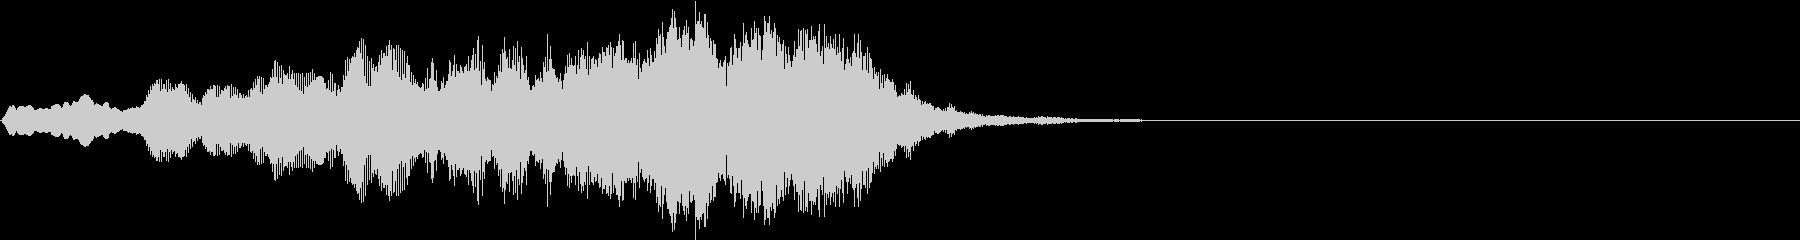 ボーイソプラノ8 アート芸術聖歌 8秒の未再生の波形